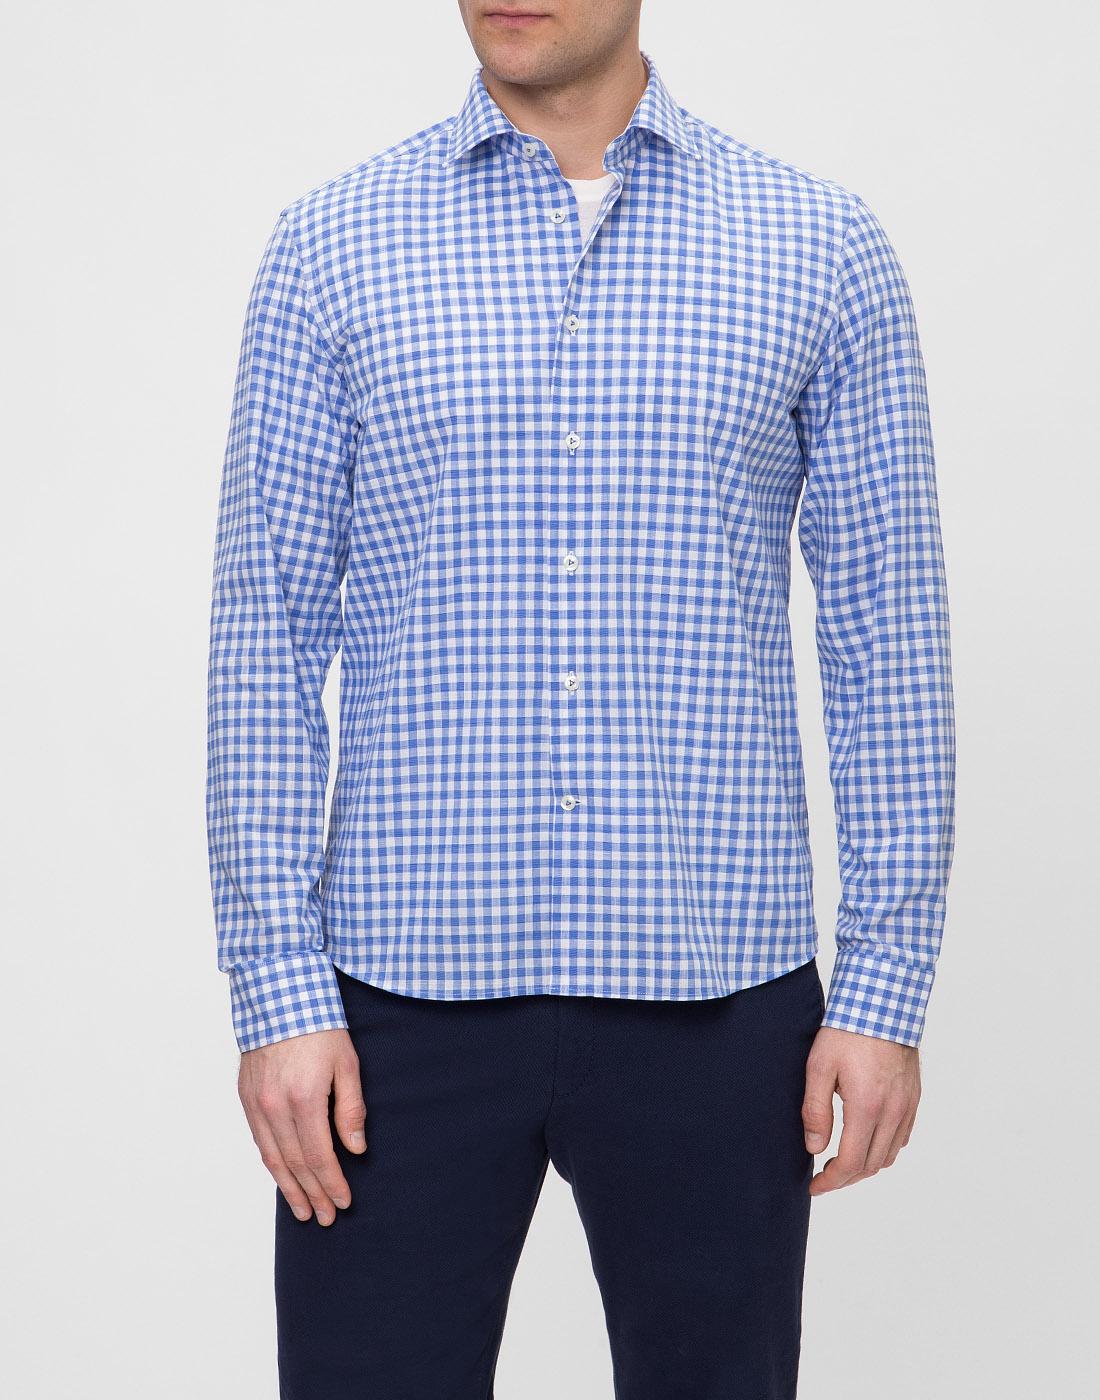 Мужская рубашка в клетку  Van Laack STETON2-TF05 161867/740-2